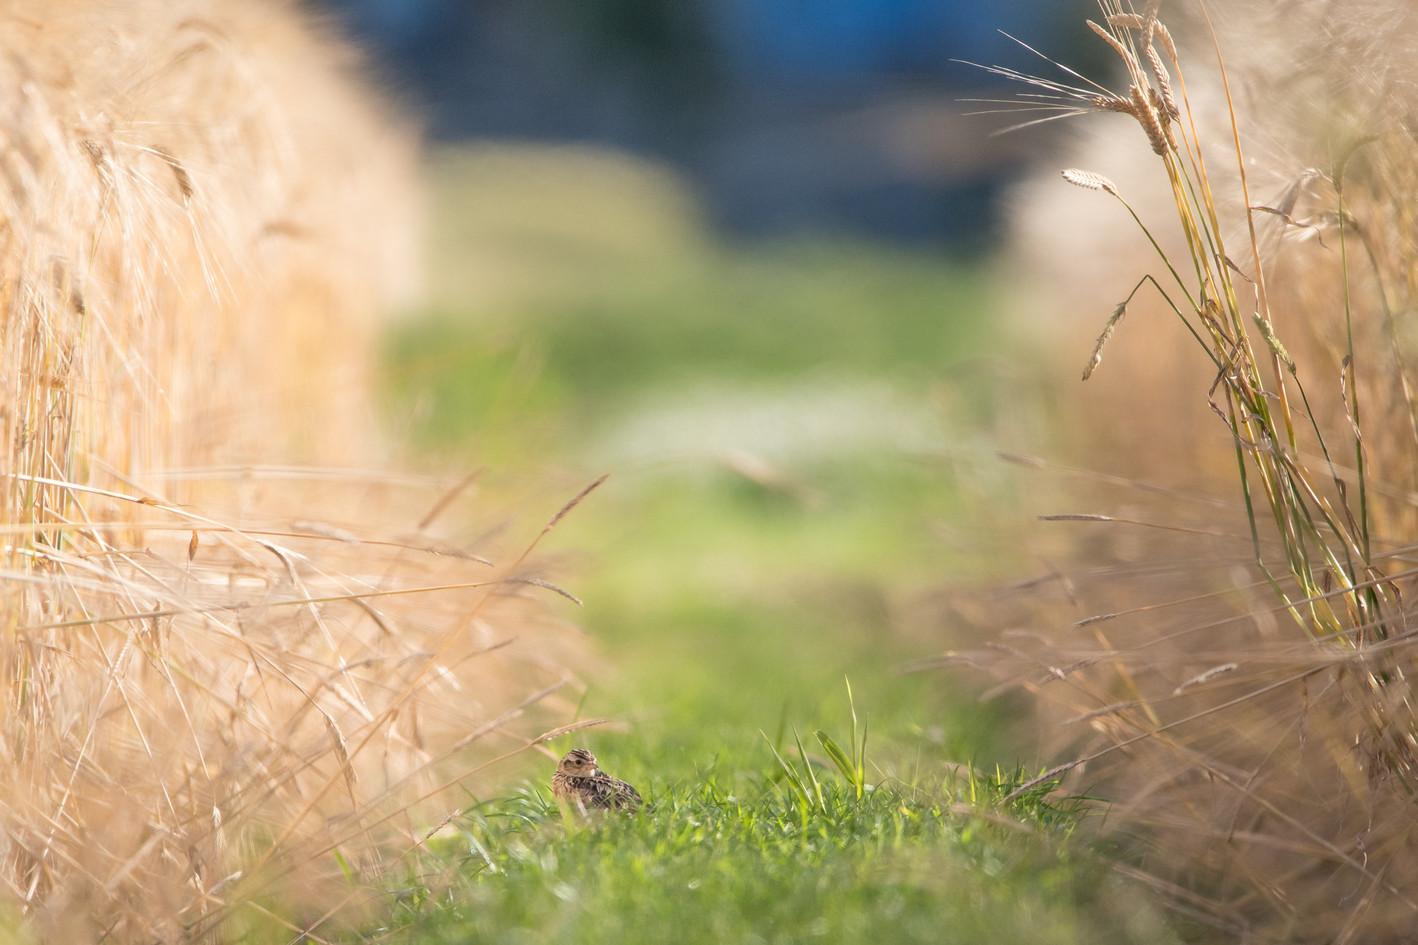 Skylark in Wheat Field